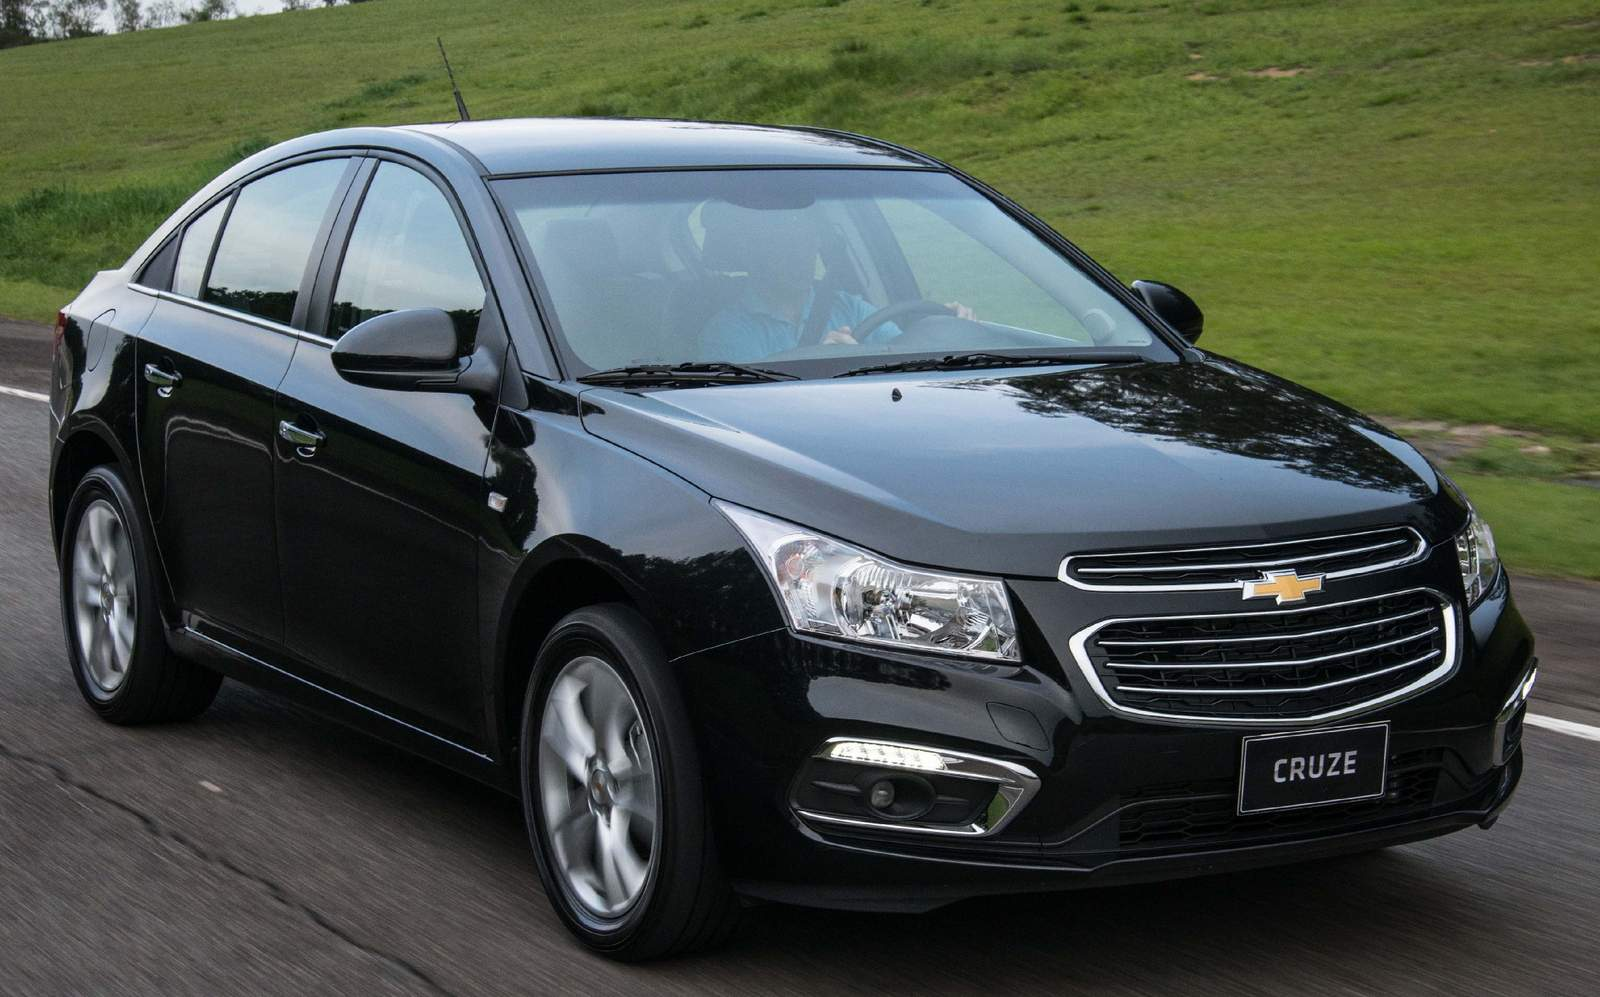 Chevrolet Cruze LTZ - segundo carro com seguro mais caro